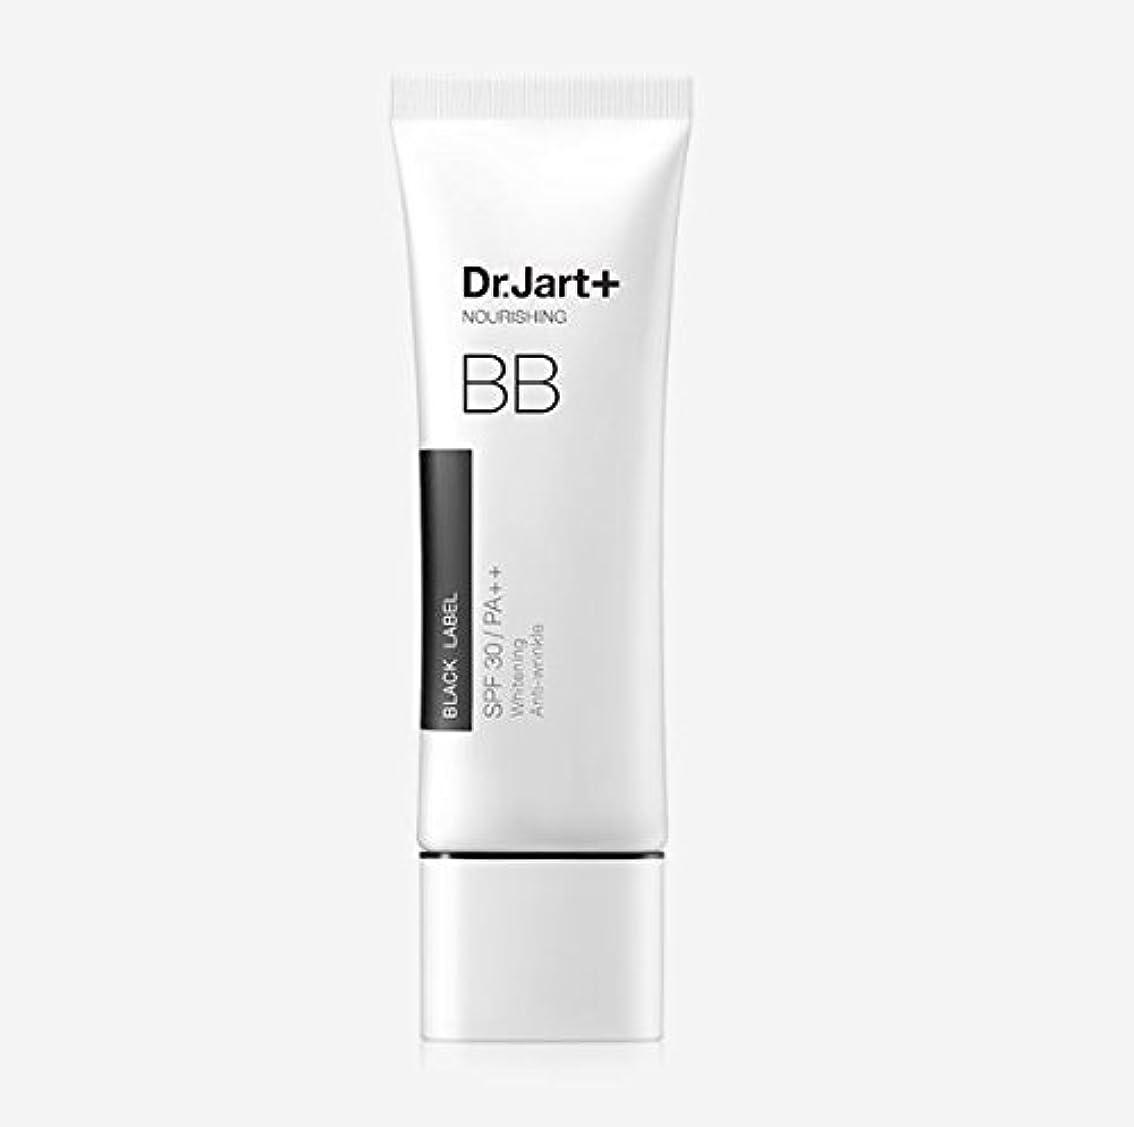 ジェム内側中庭[Dr. Jart] Black Label BB Nourishing Beauty Balm 50ml SPF30 PA++/[ドクタージャルト] ブラックラベル BB ナリーシン ビューティー バーム 50ml SPF30...